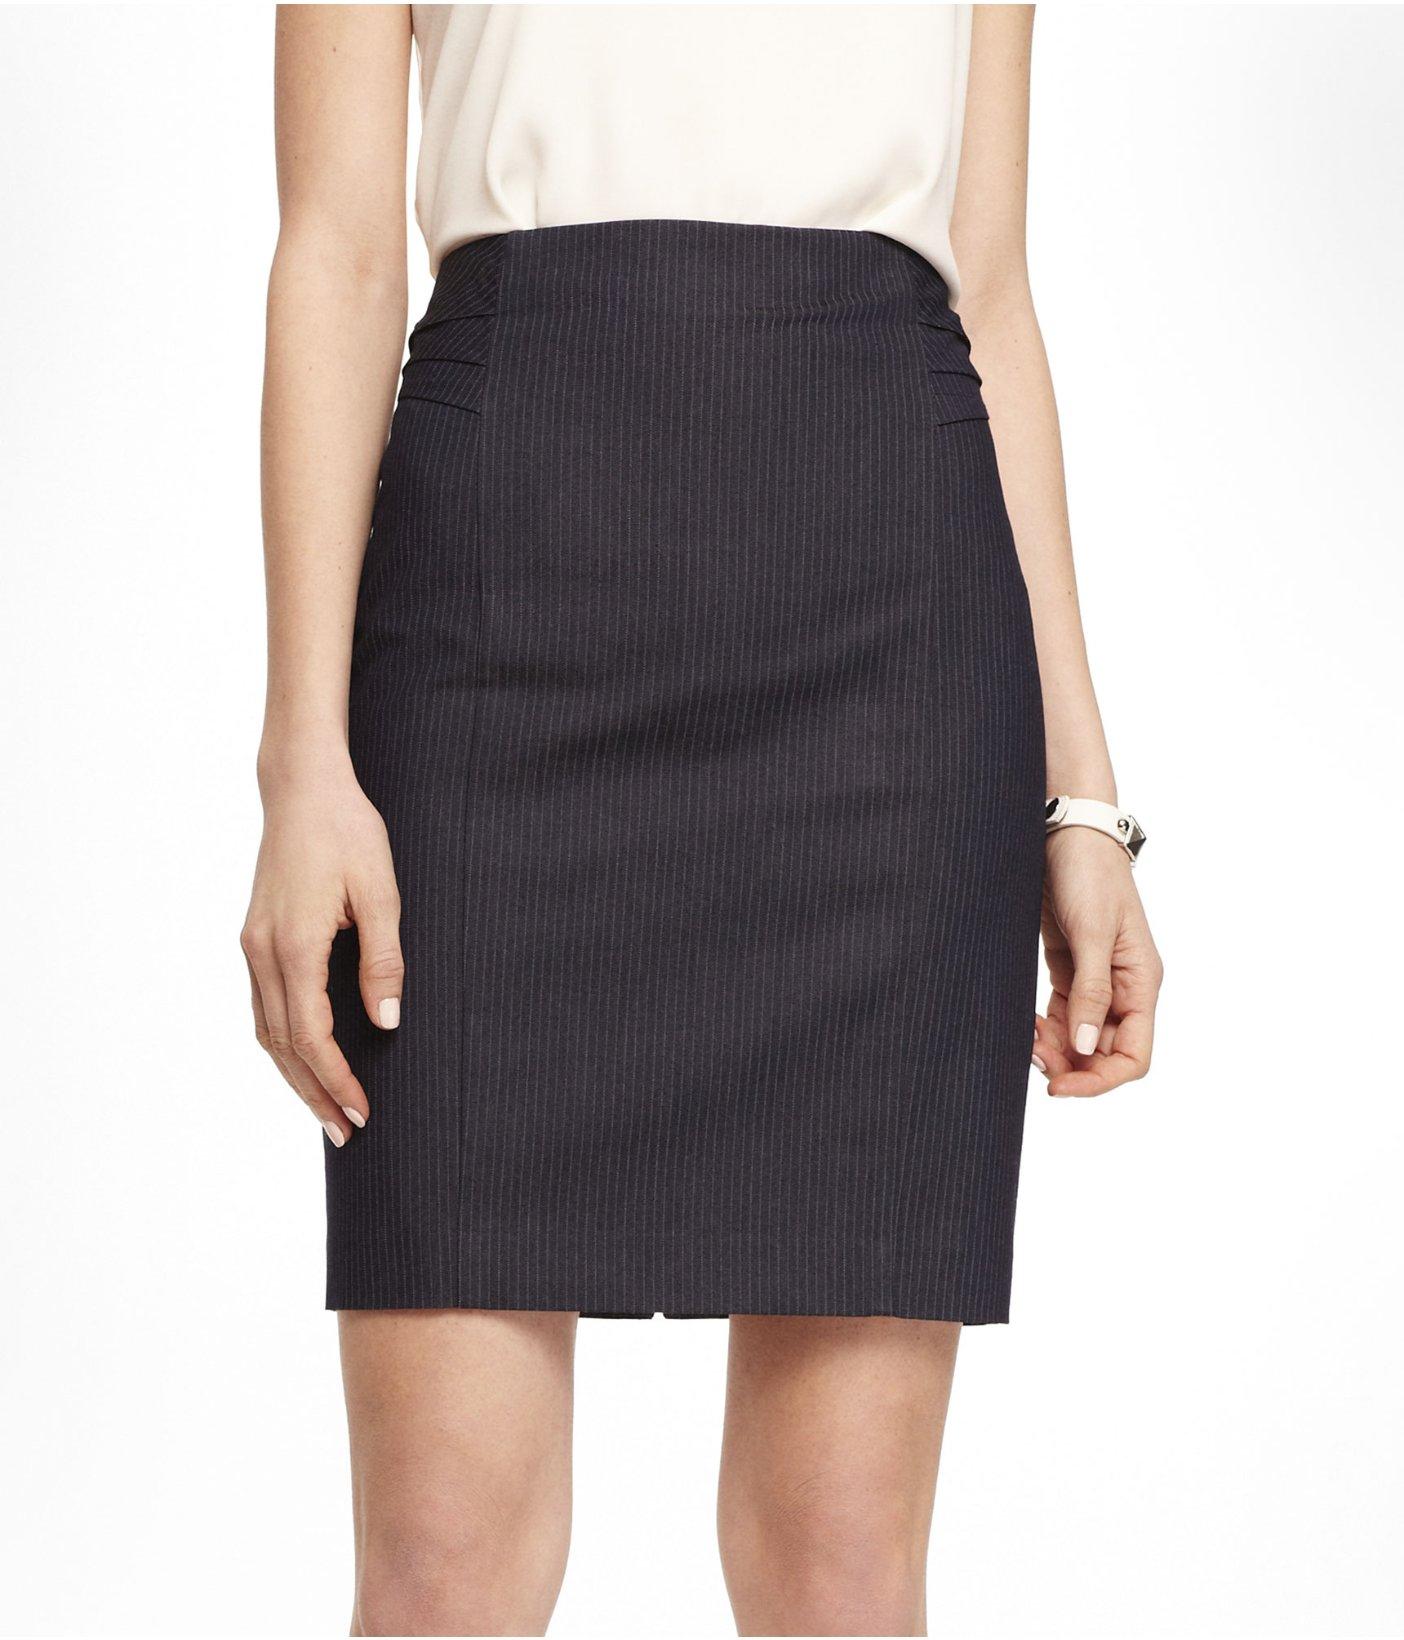 express high waist pinstripe pintucked pencil skirt in